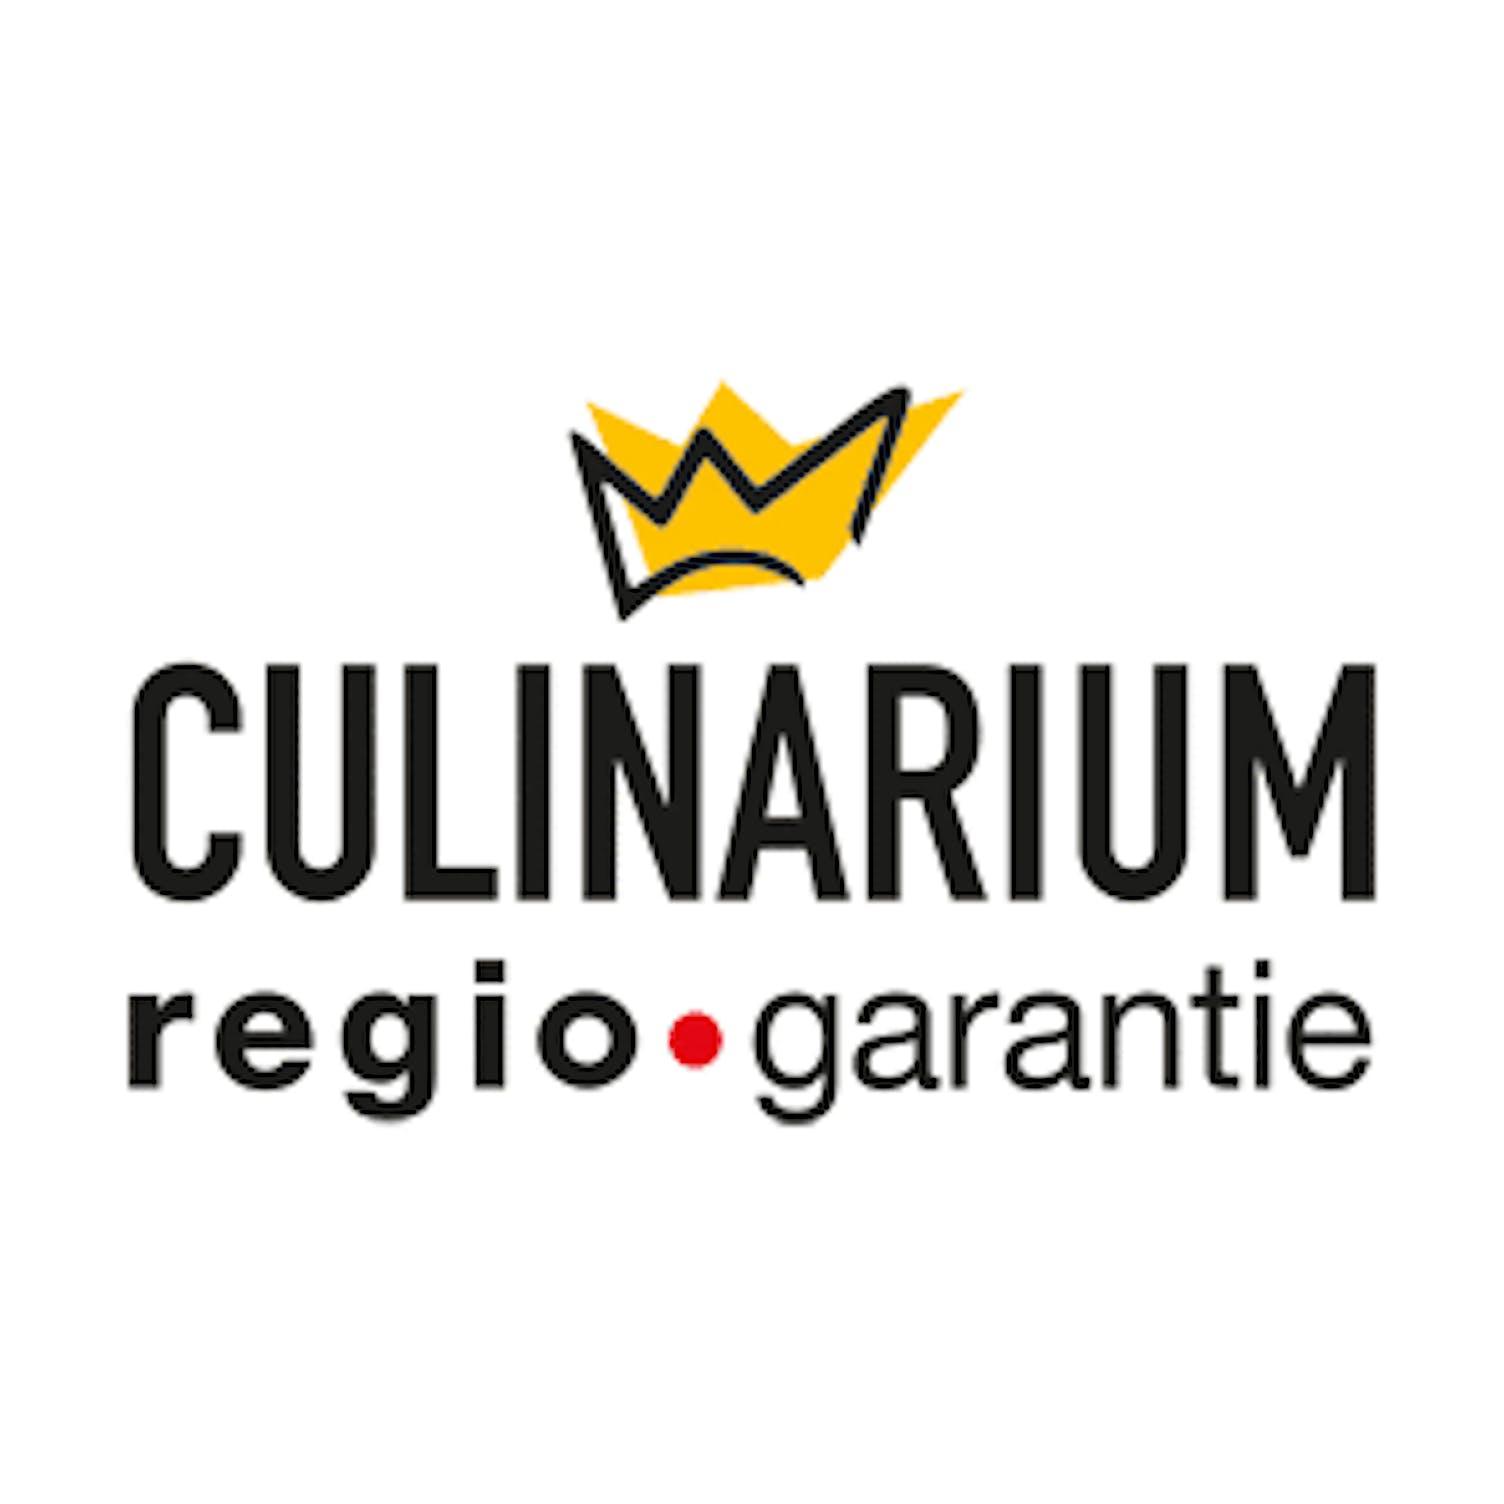 Culinarium regio